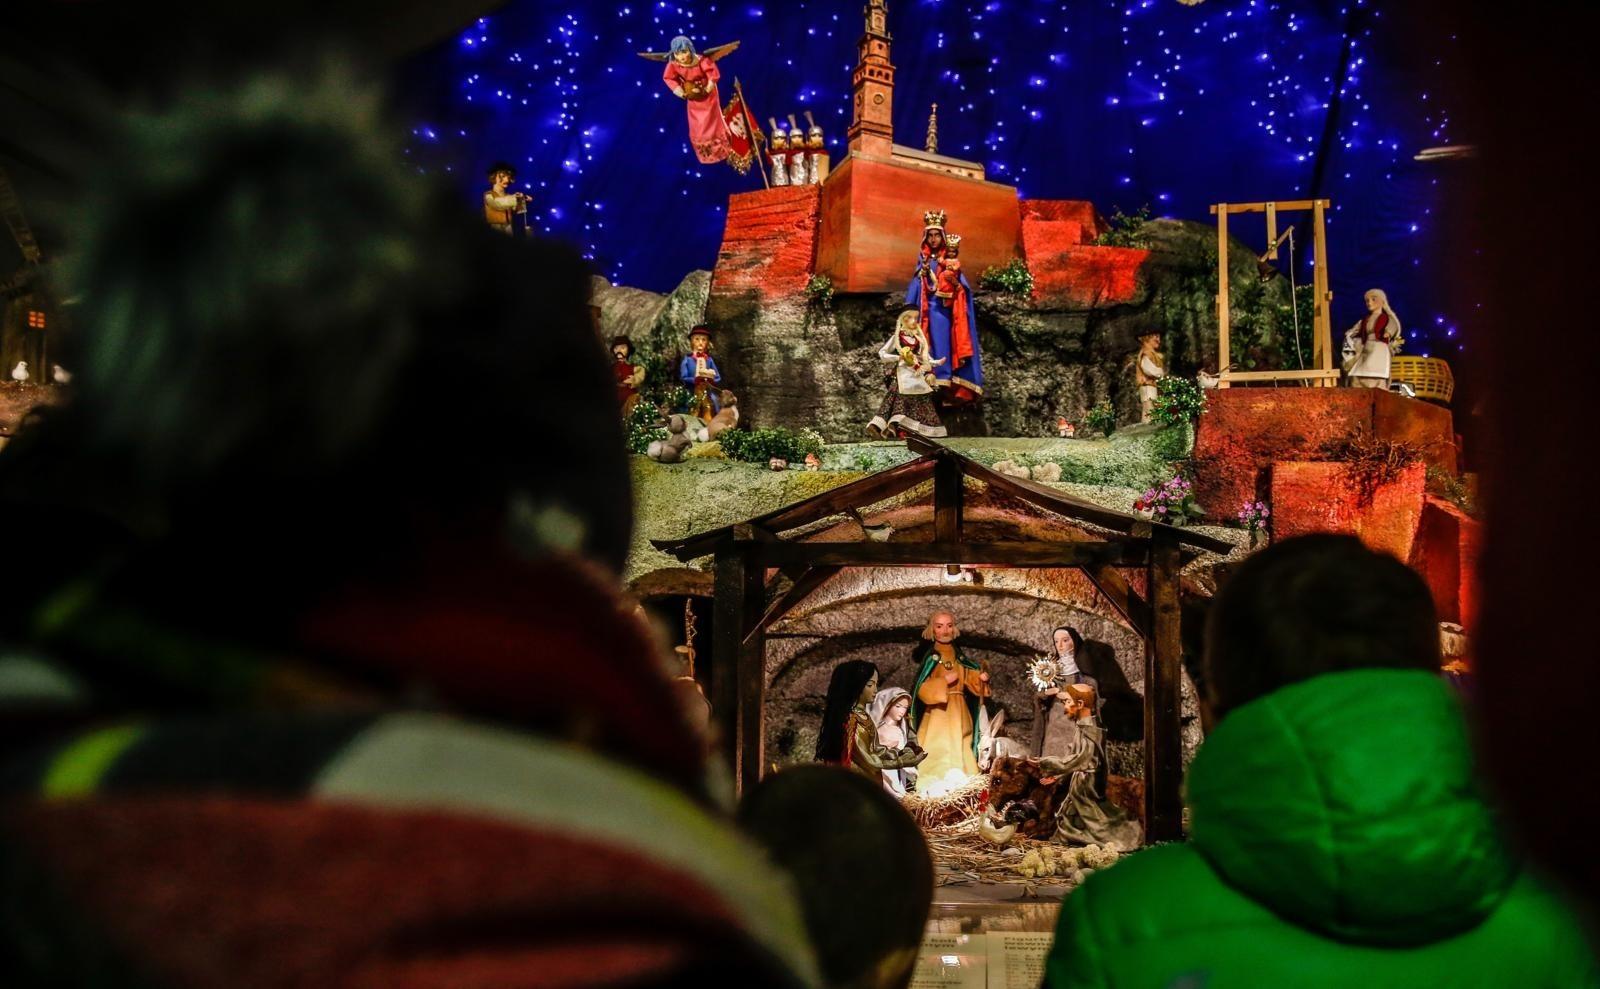 życzenia świąteczne 2018 Najpiękniejsze życzenia Na Boże